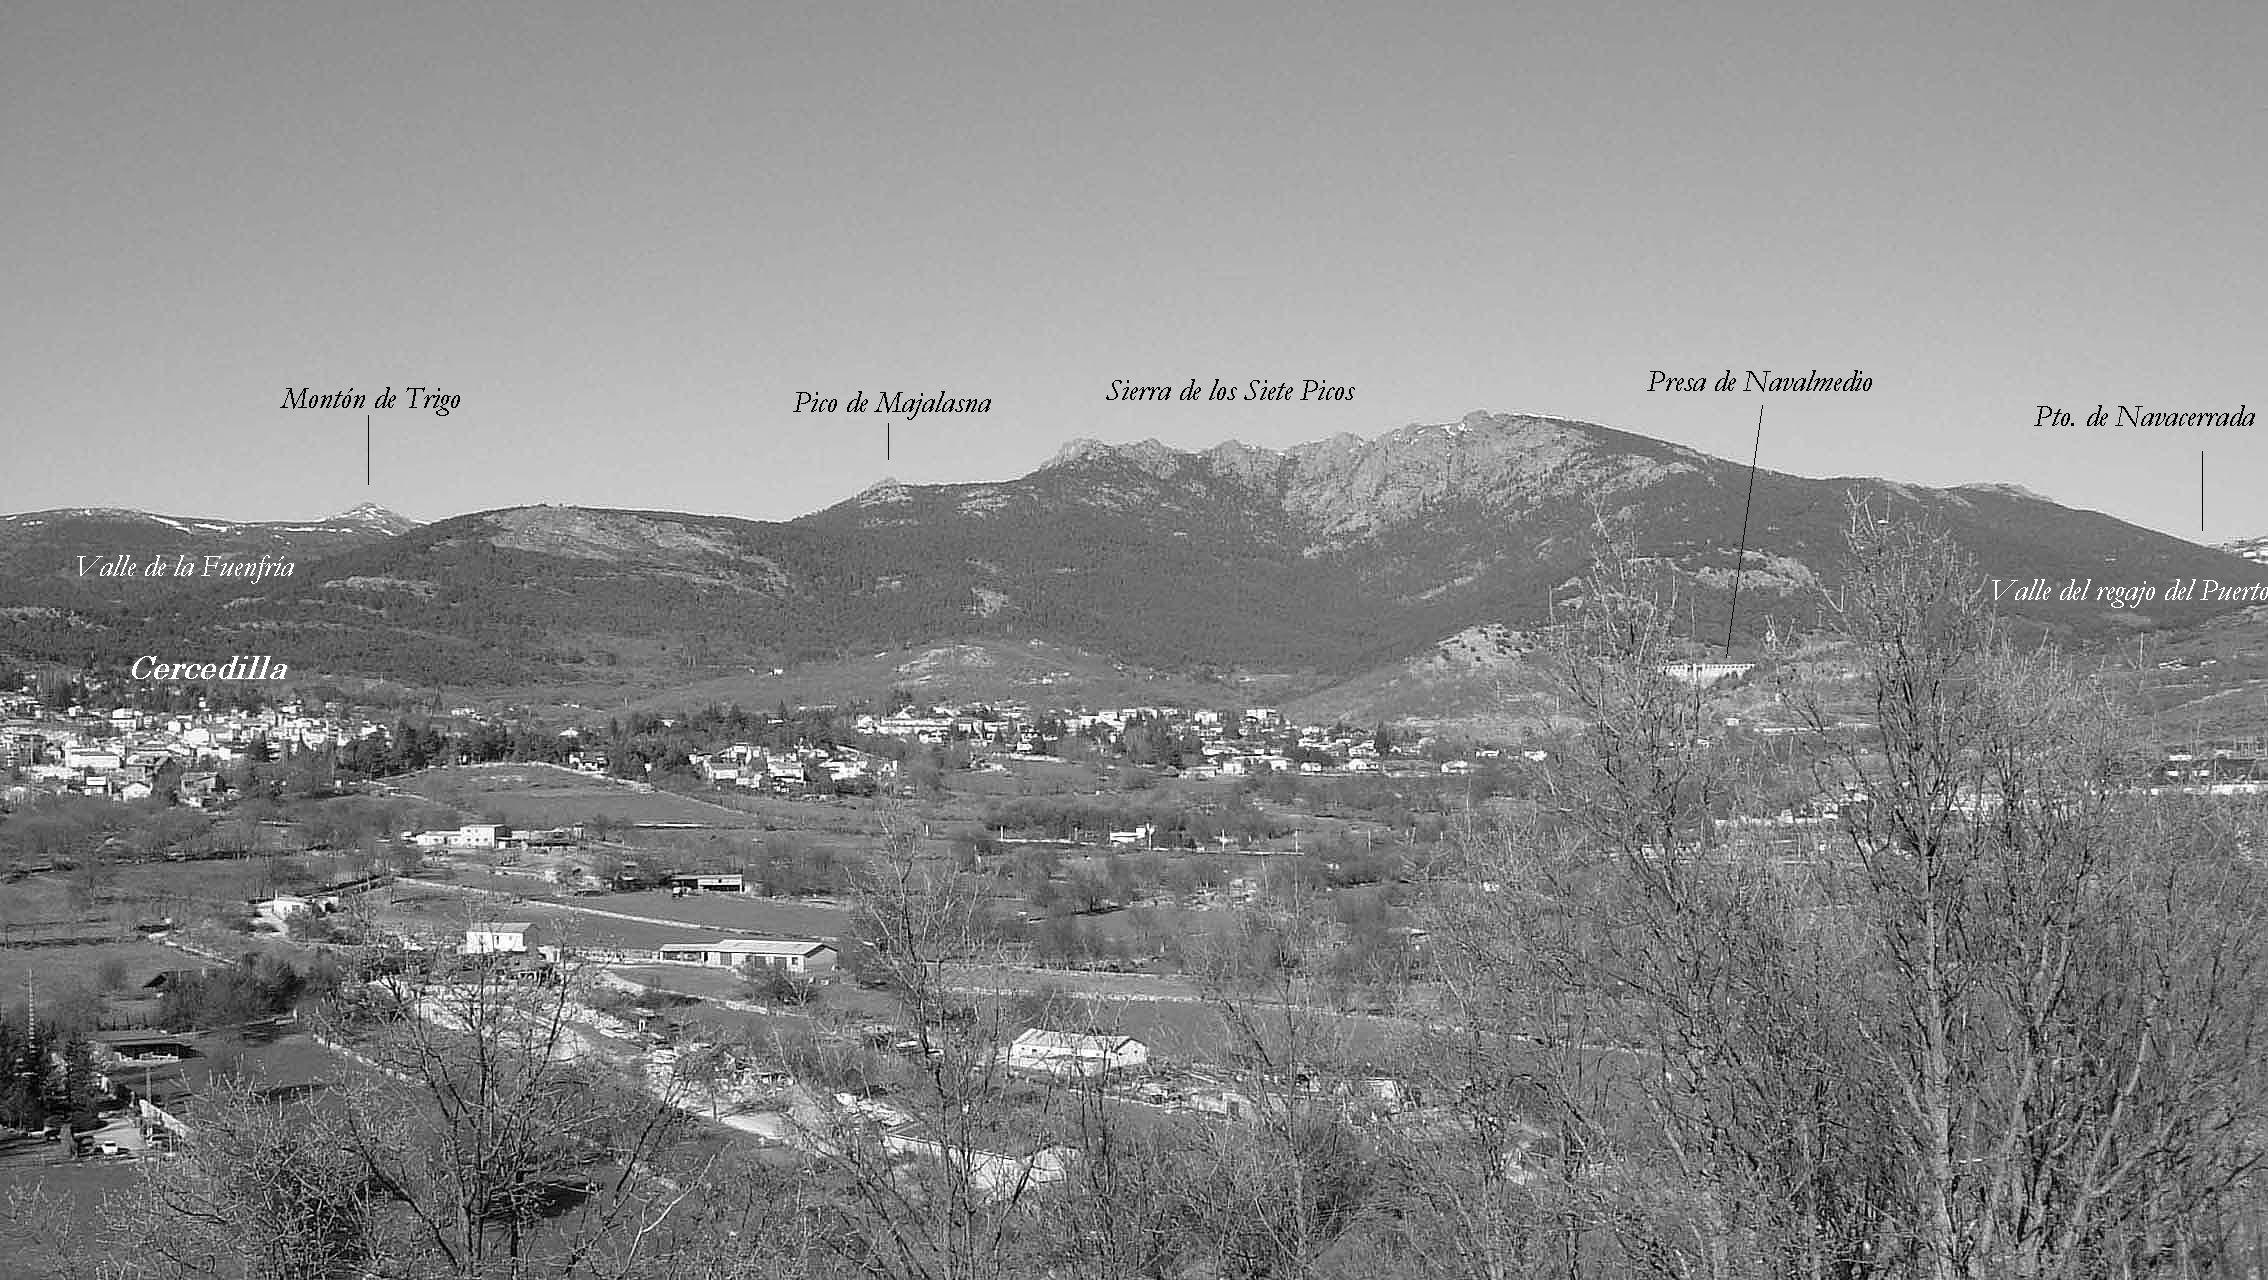 Los mejores miradores de la Sierra de Guadarrama